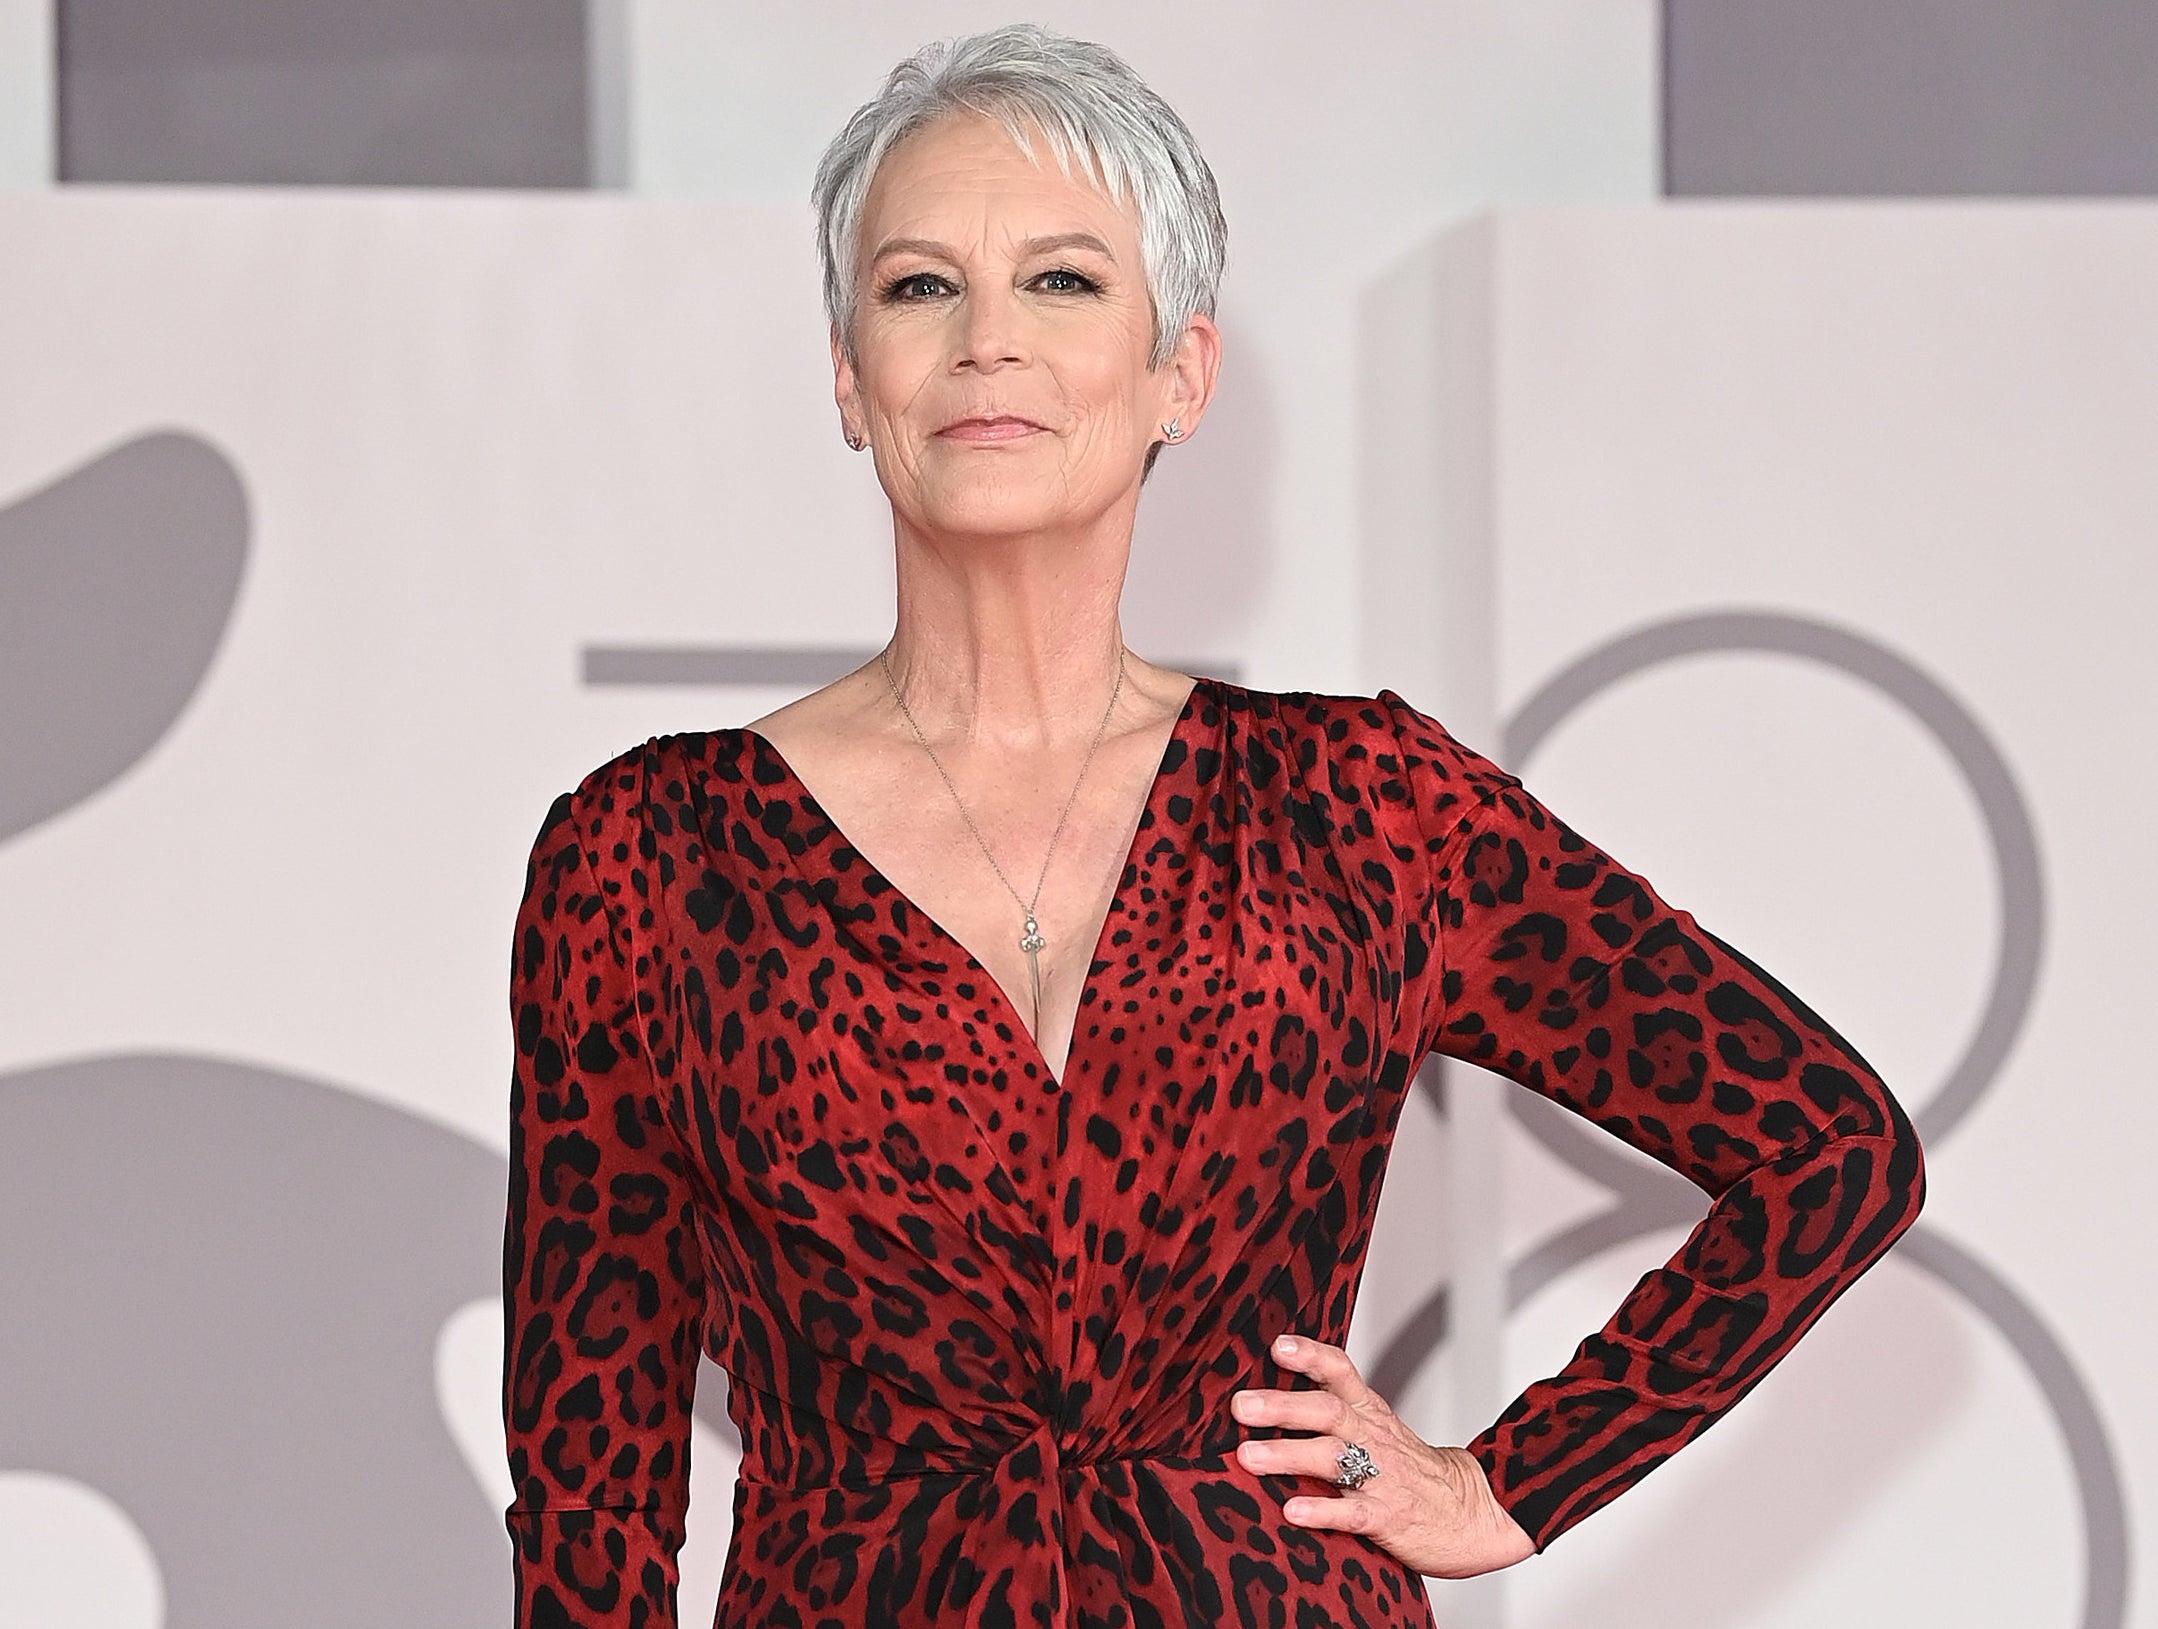 Jamie wears a red leopard print long sleeve dress